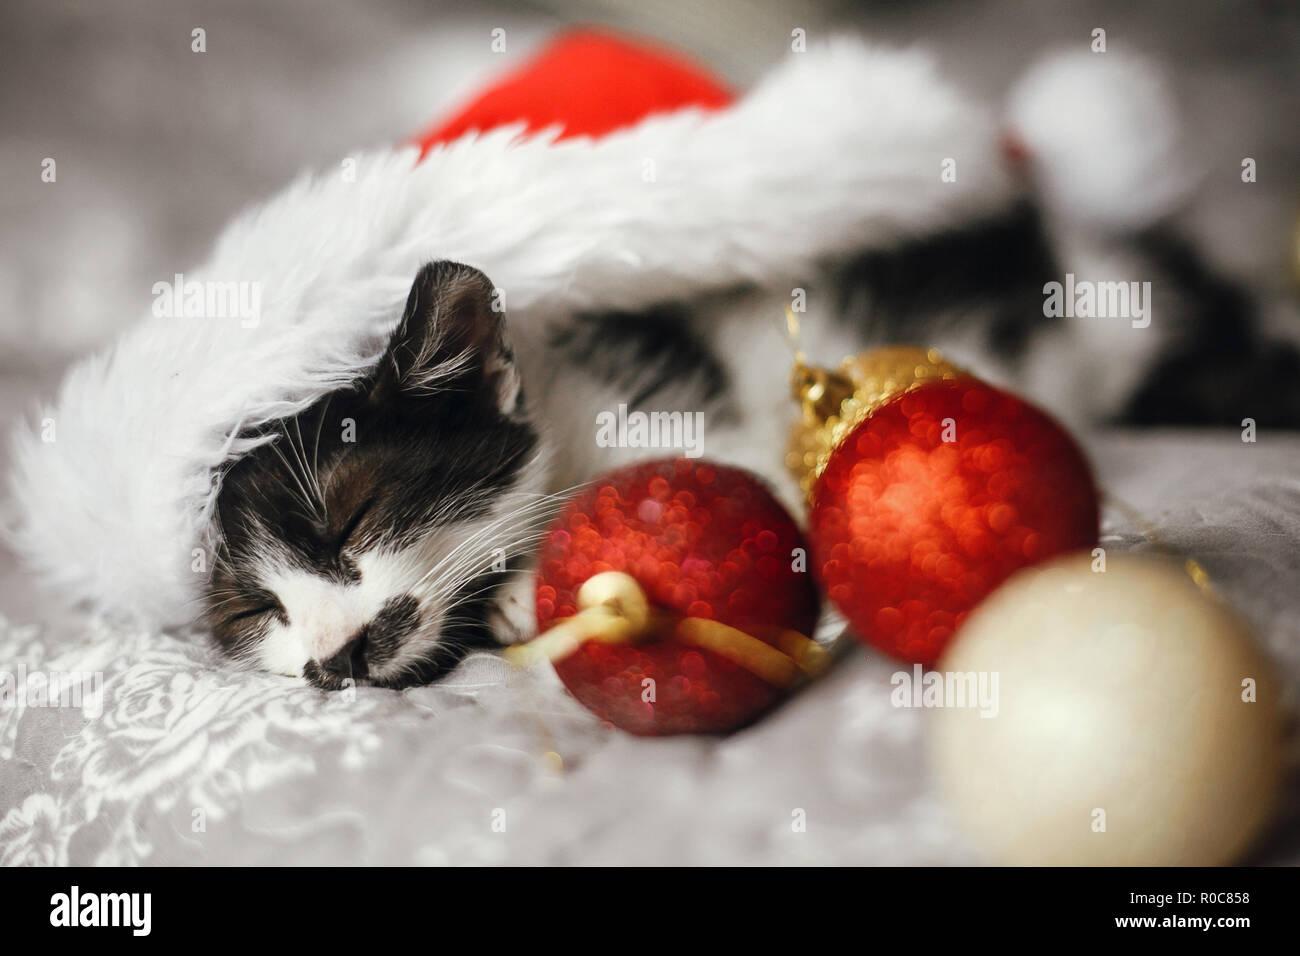 Cute Kitty schlafen in Santa Hut auf dem Bett mit Gold und Rot Weihnachtsverzierungen in festlichen Raum. Frohe Weihnachten Konzept. Adorable lustige Kätzchen Nickerchen. Stockbild